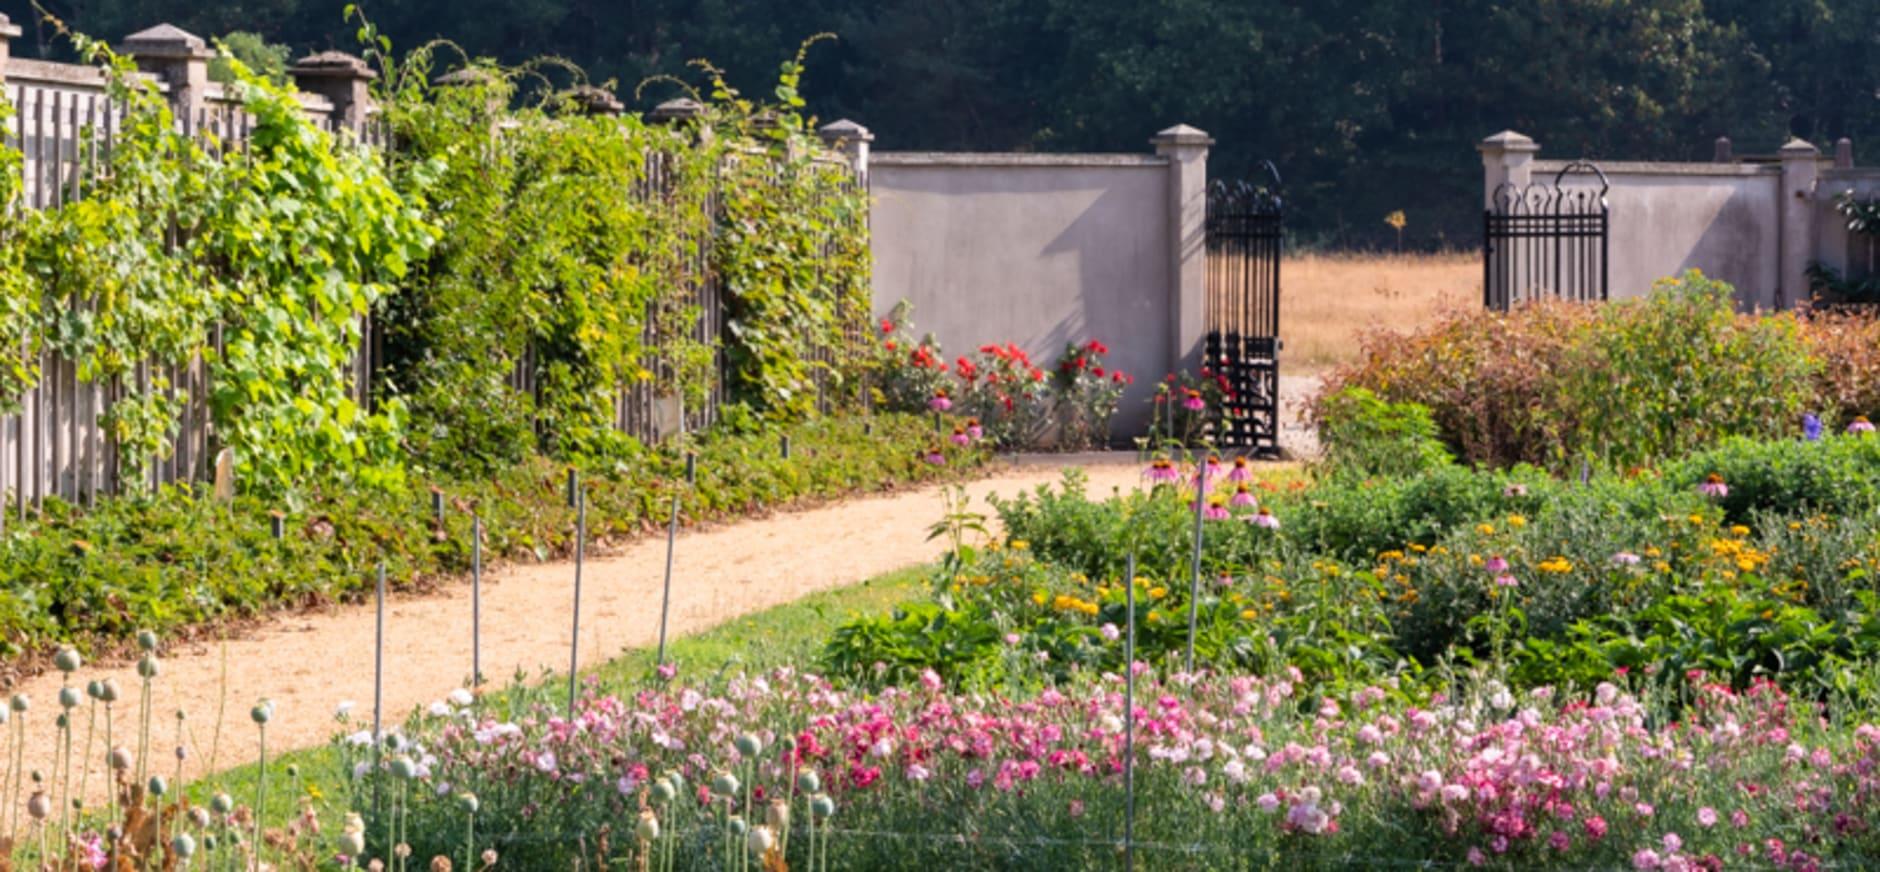 de tuinen zijn open